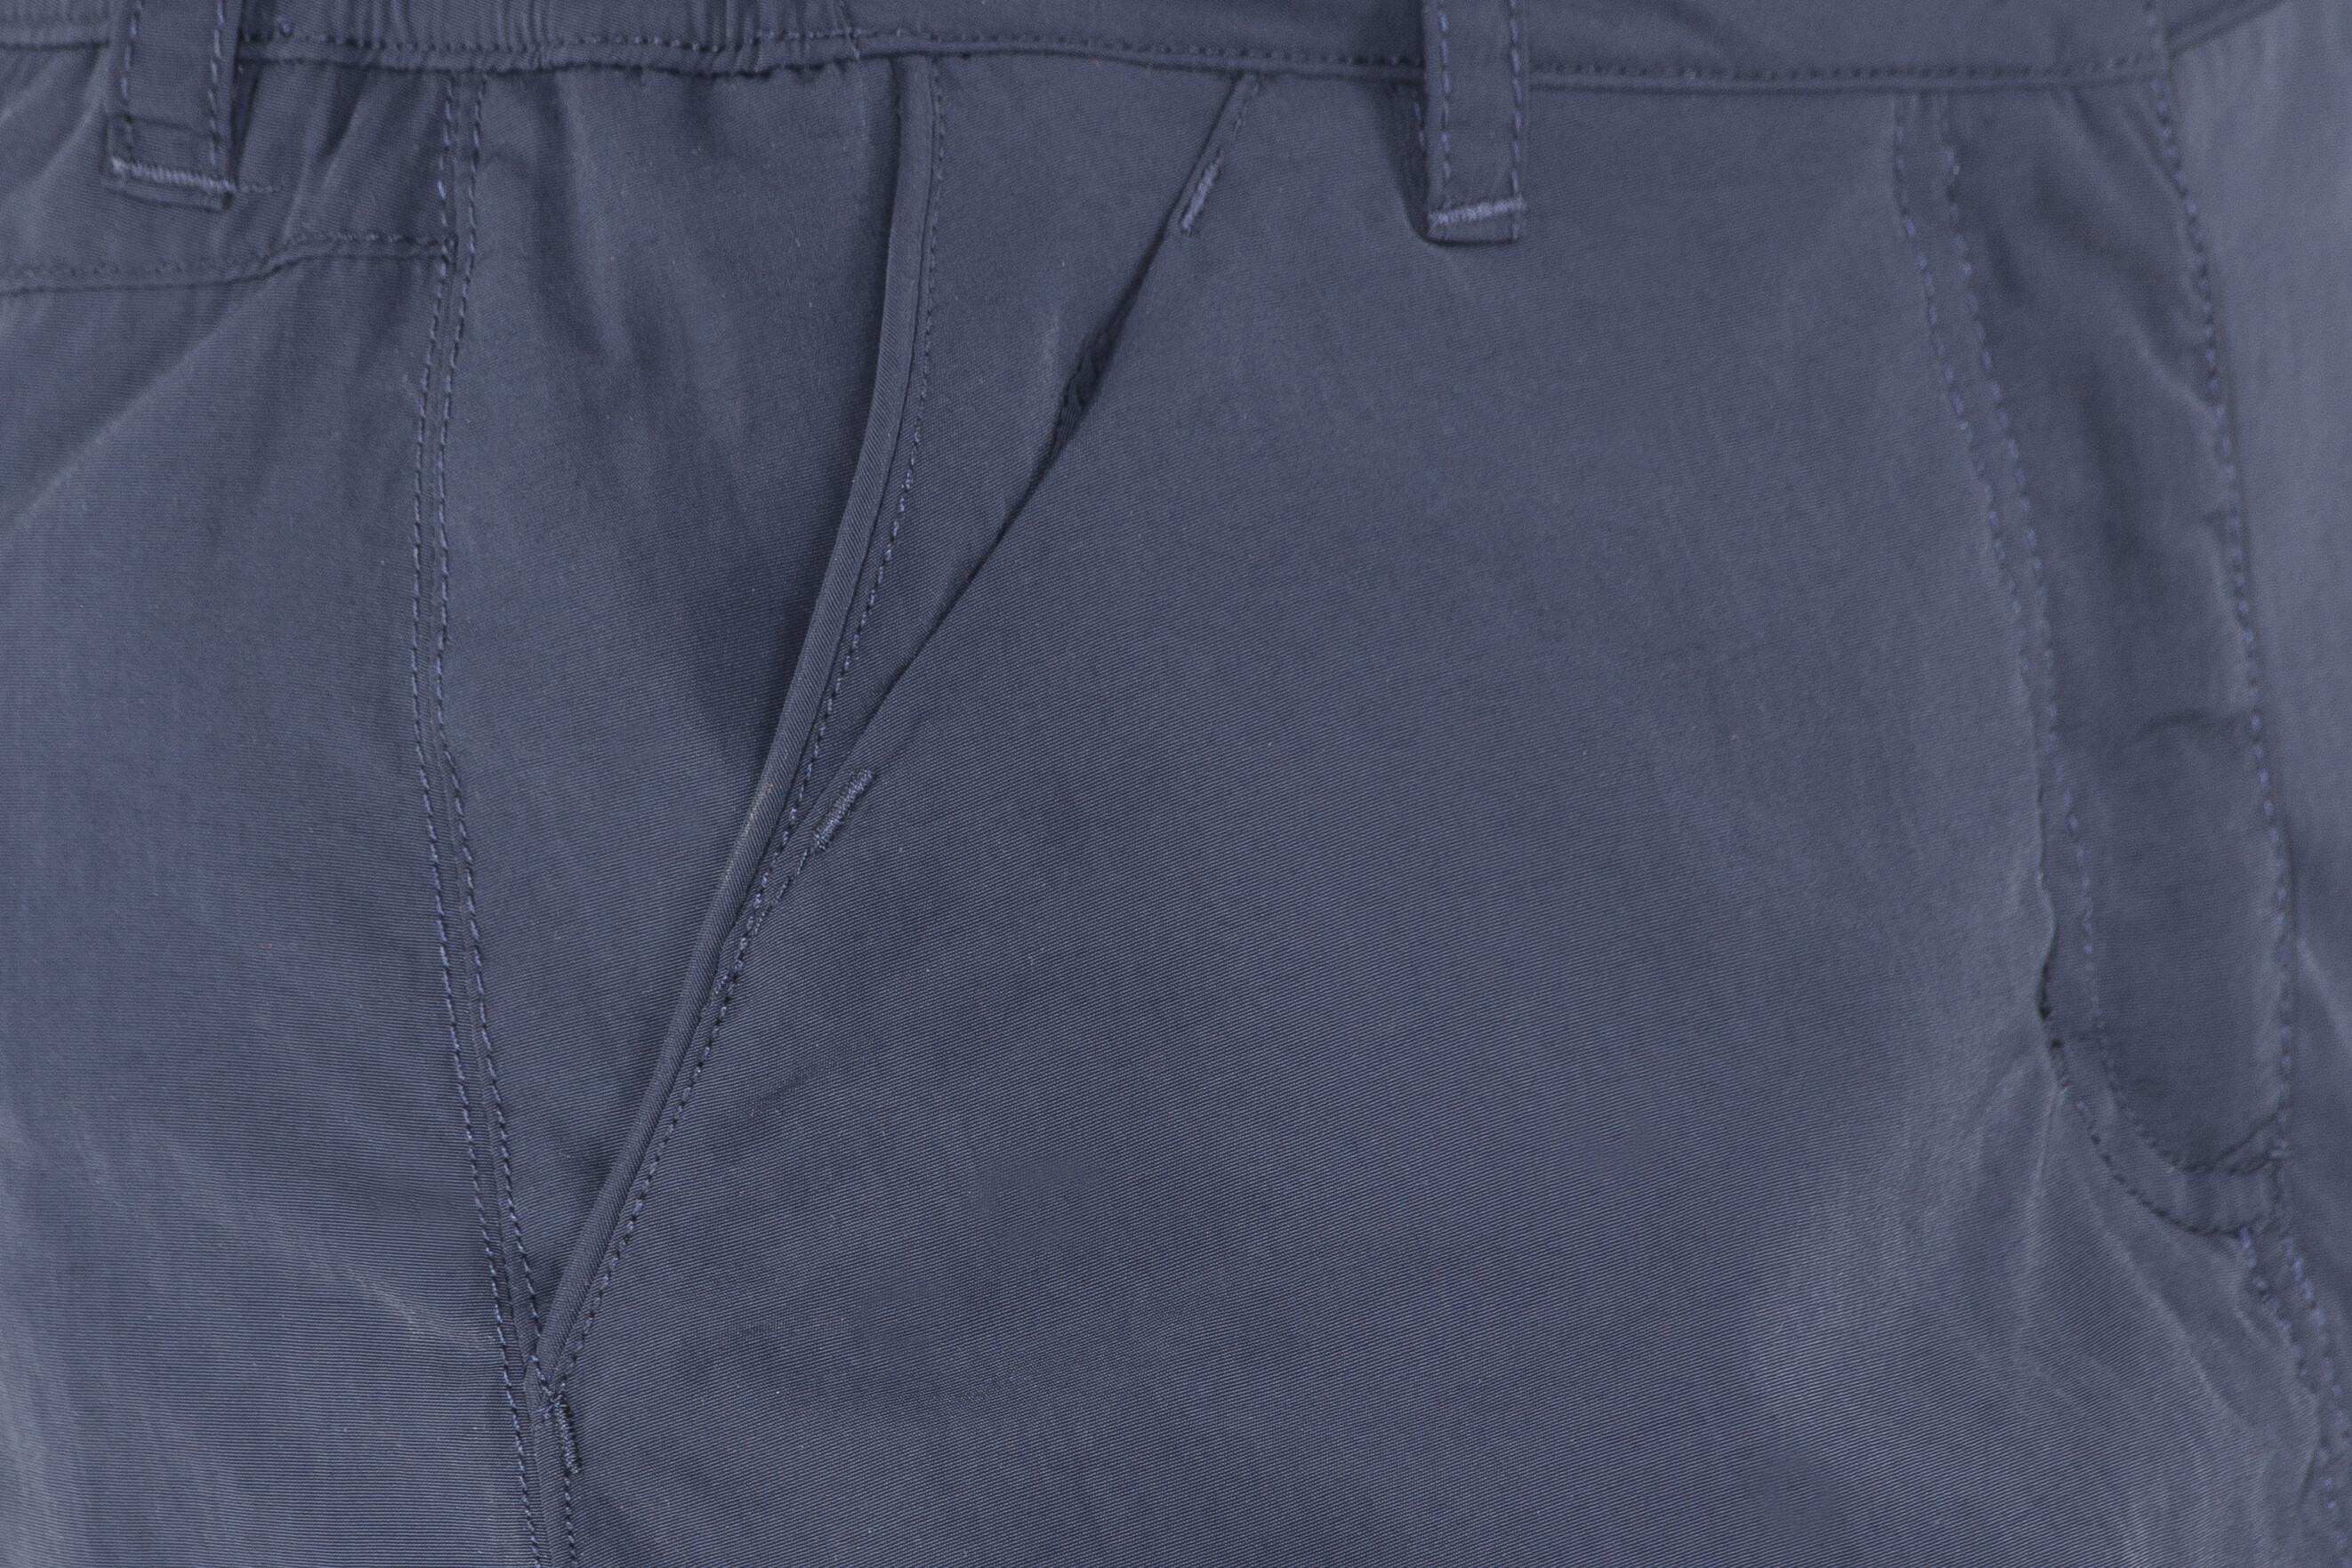 f632b99129301a Jack Wolfskin Kalahari rok Dames blauw l Online outdoor shop Campz.nl